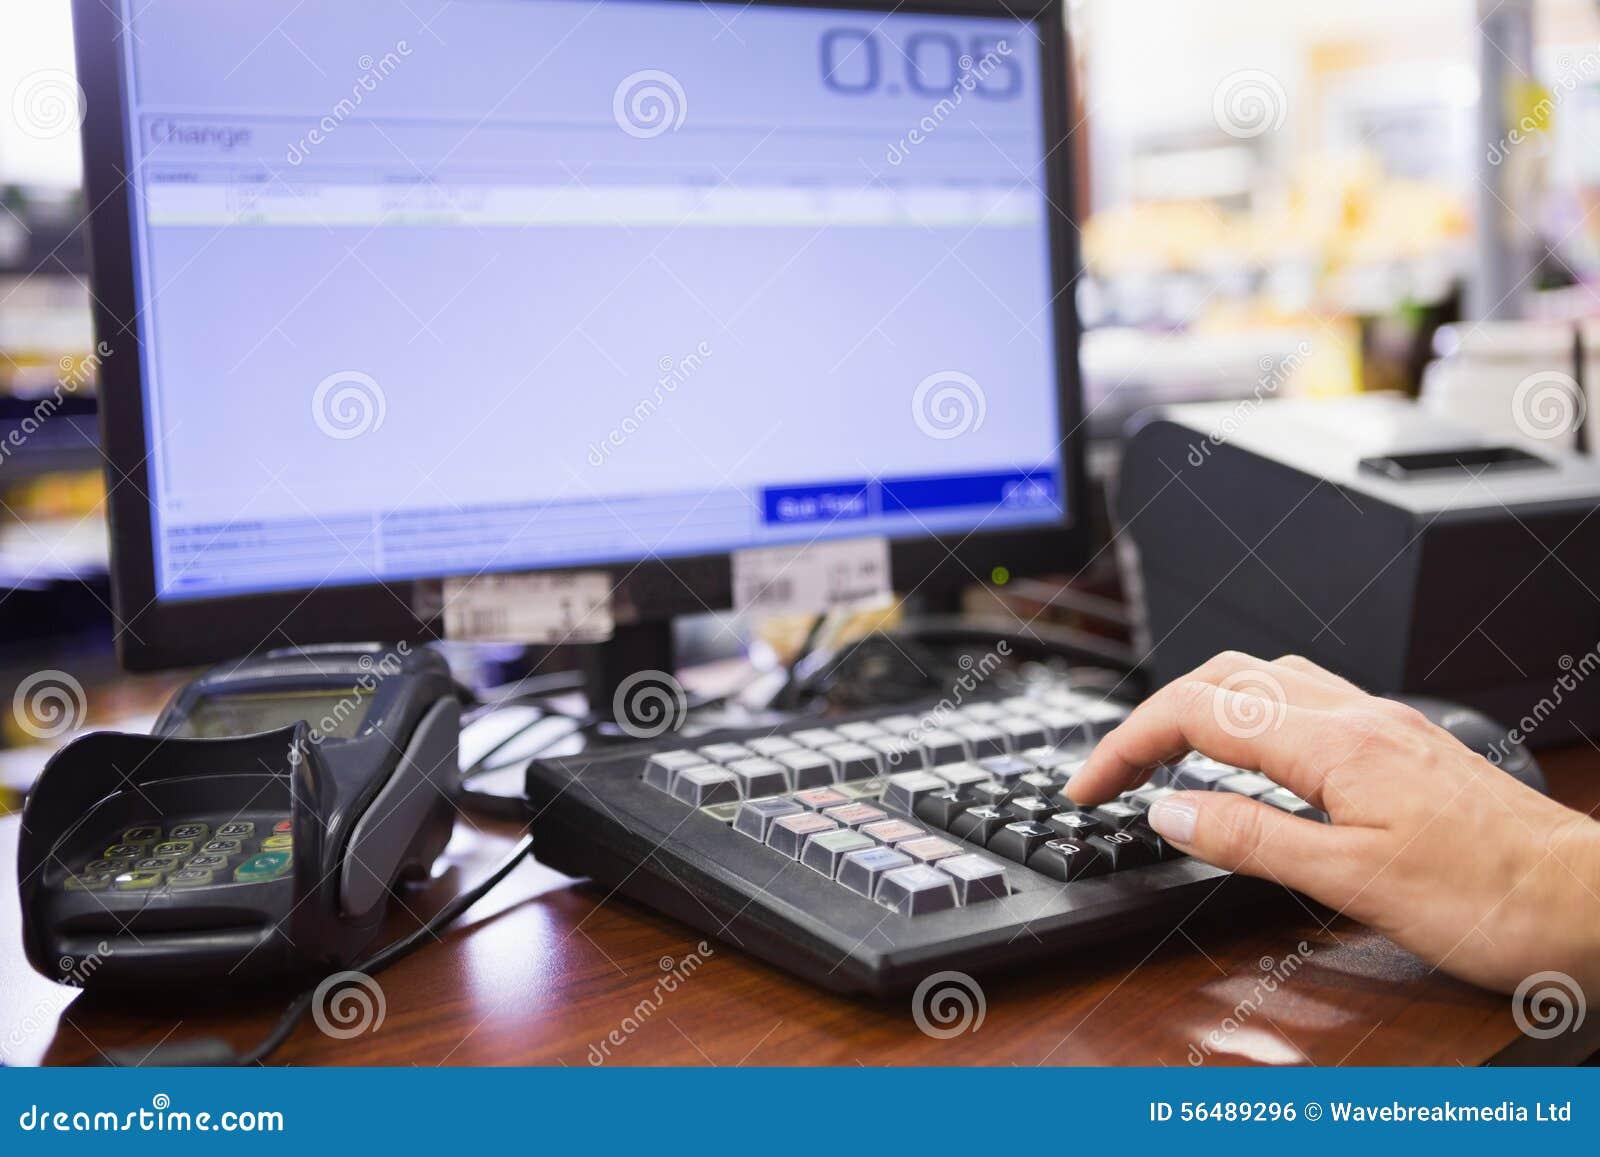 Main de la femme à l aide de l ordinateur